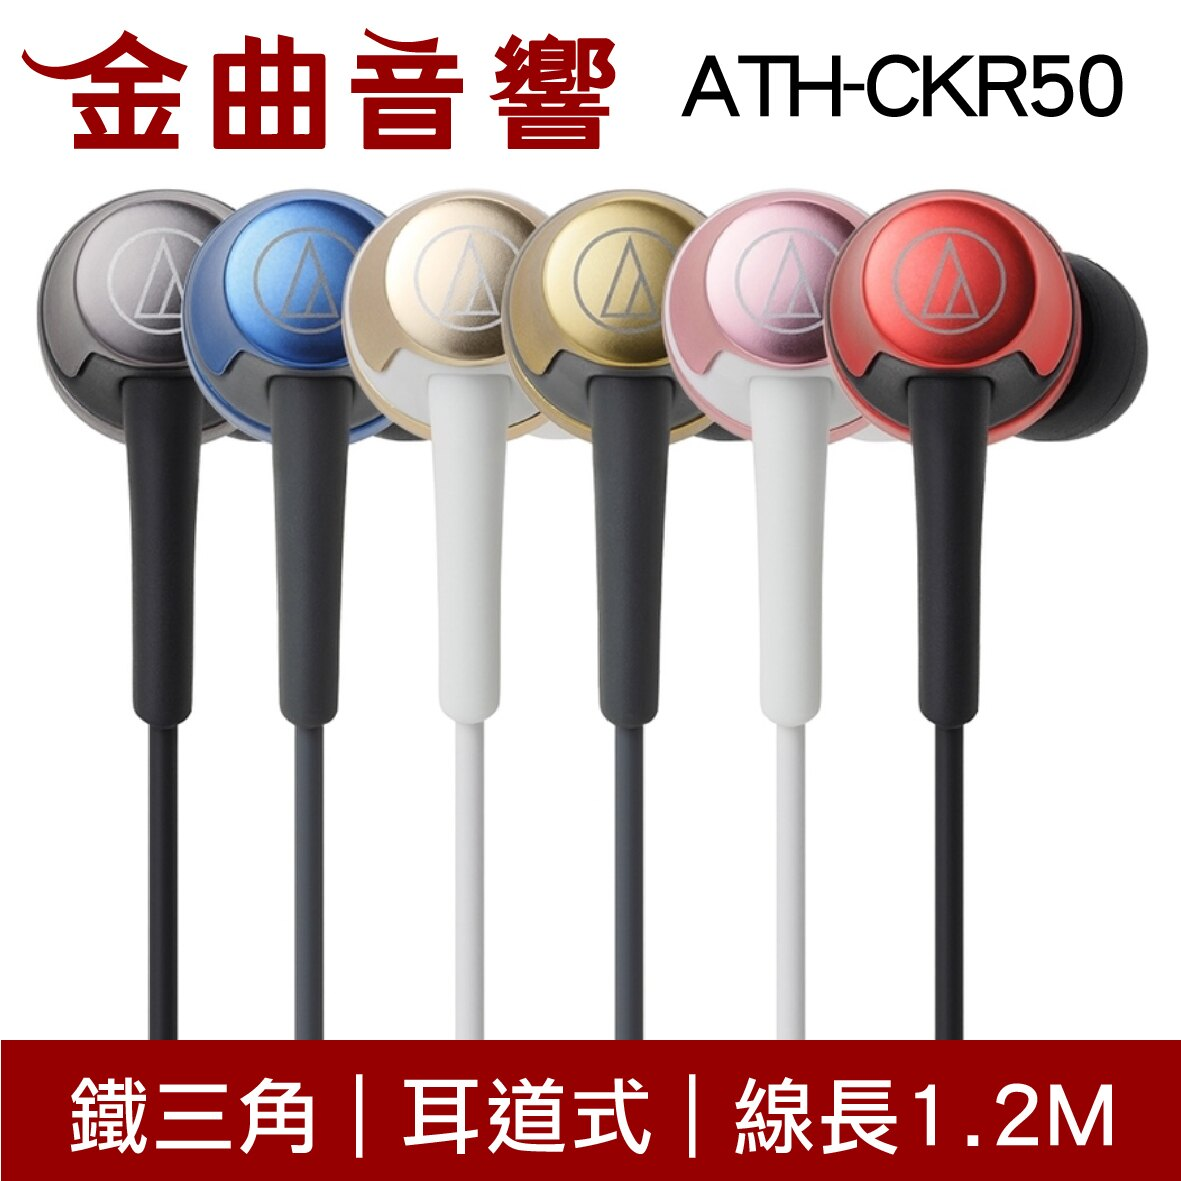 鐵三角 ATH-CKR50 粉色 耳道式耳機   金曲音響